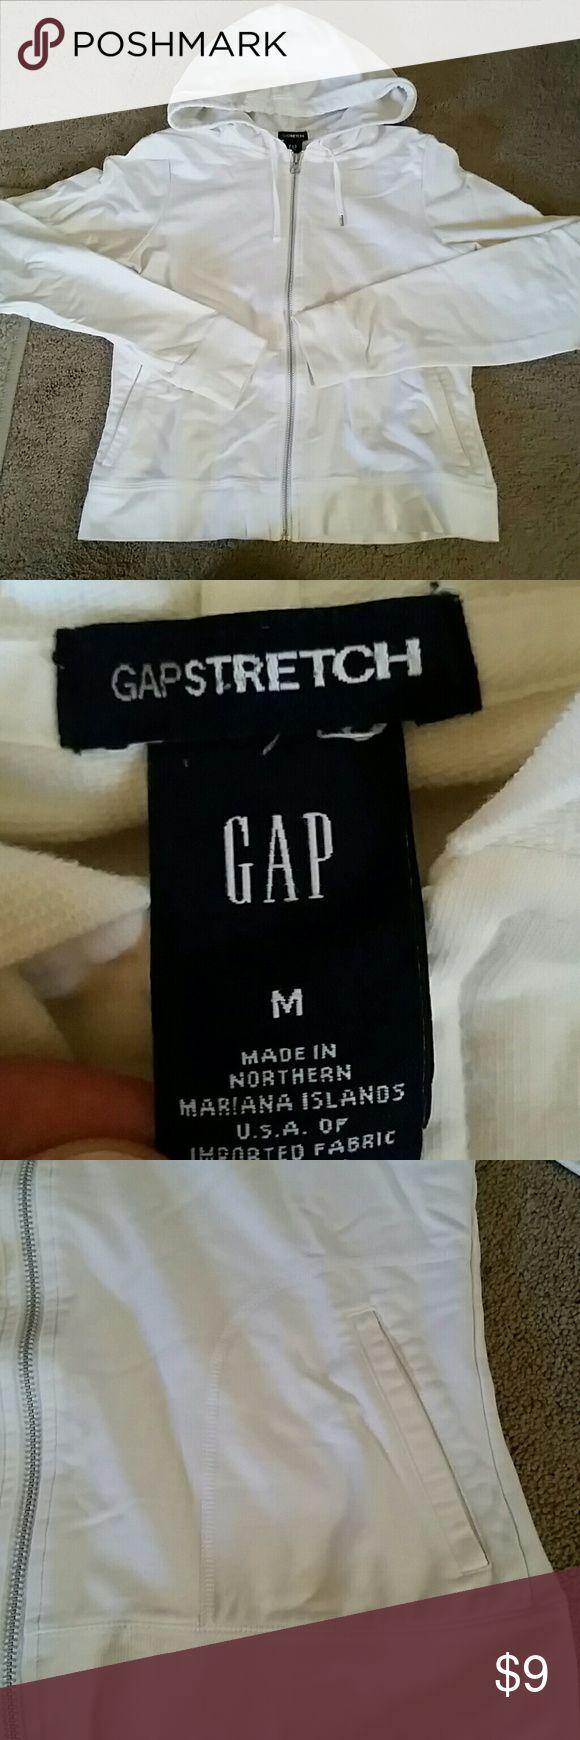 """GAP full zip hoodie White/ off white sweatshirt. Great condition. 21"""" in length Tops Sweatshirts & Hoodies"""